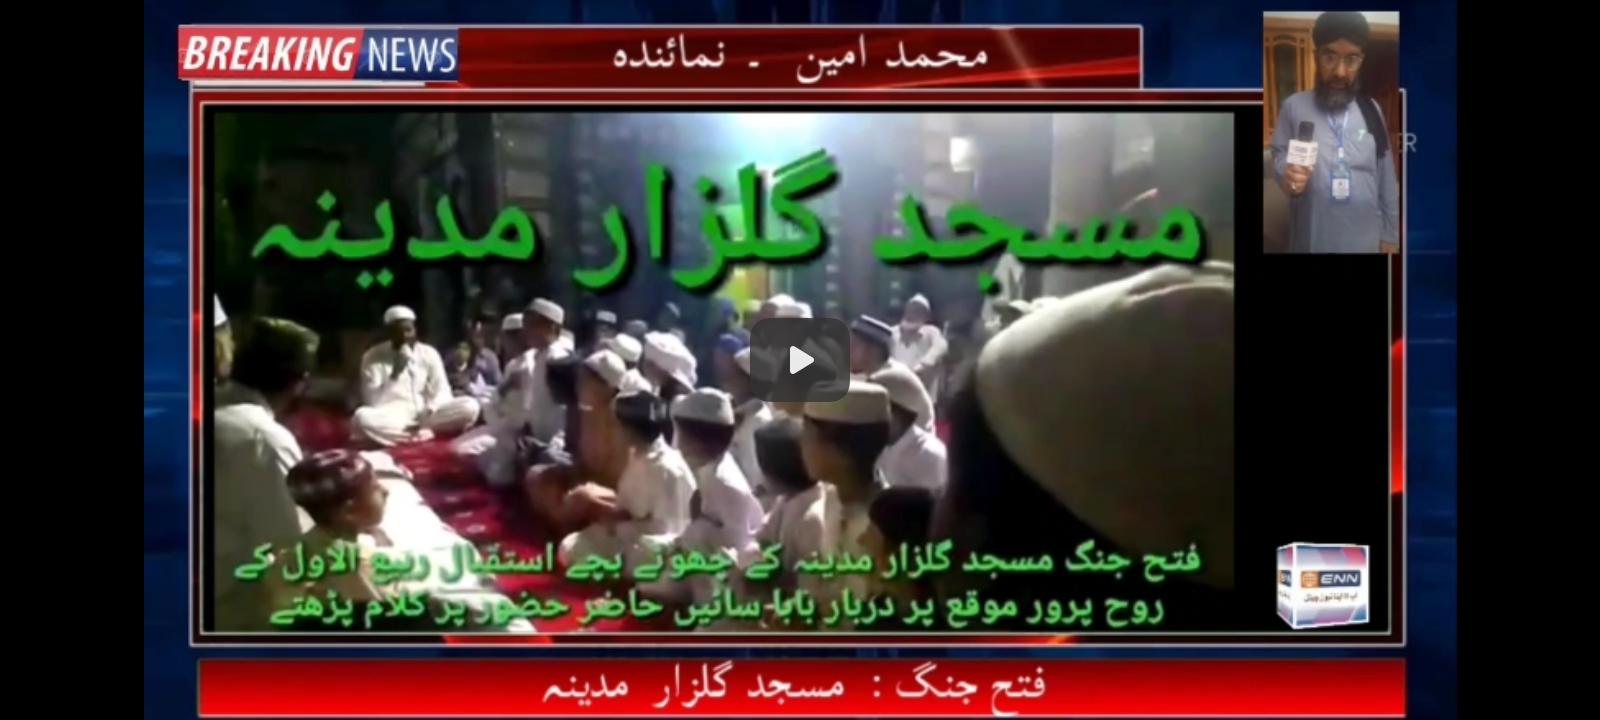 محمد امین کی نیوز رپورٹ